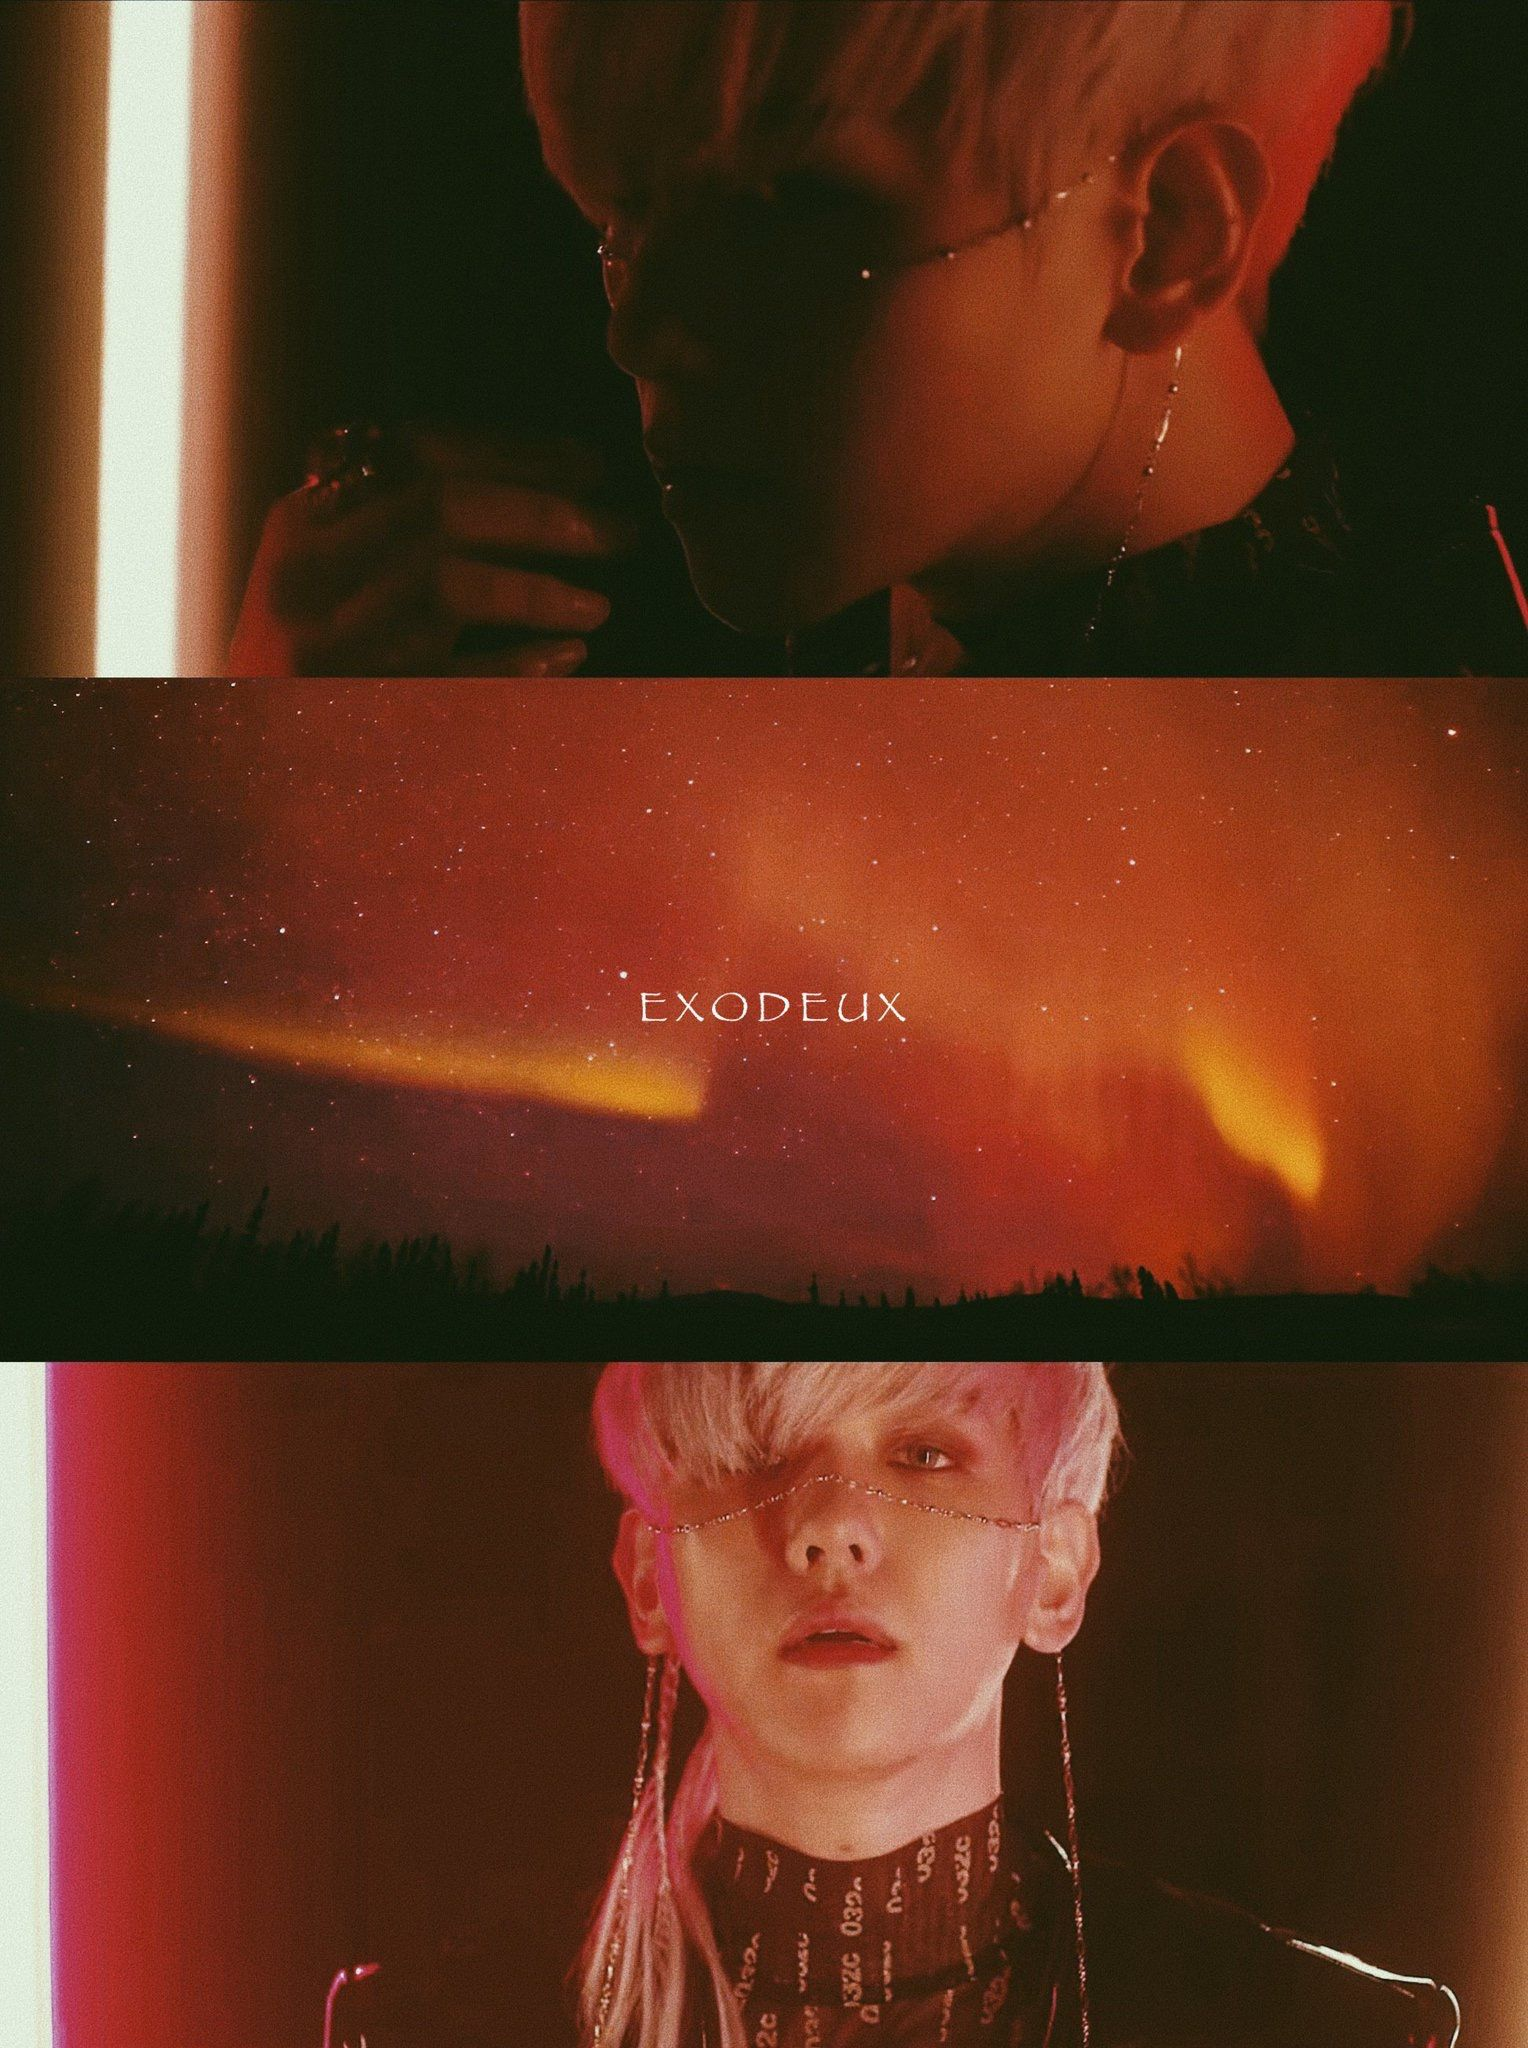 백현 | Baekhyun | EXO | Byun Baekhyun | obsession | Hyunee 'ㅅ'  #exo #baekhyun #백현 #변백현 #obsession #exoobsession